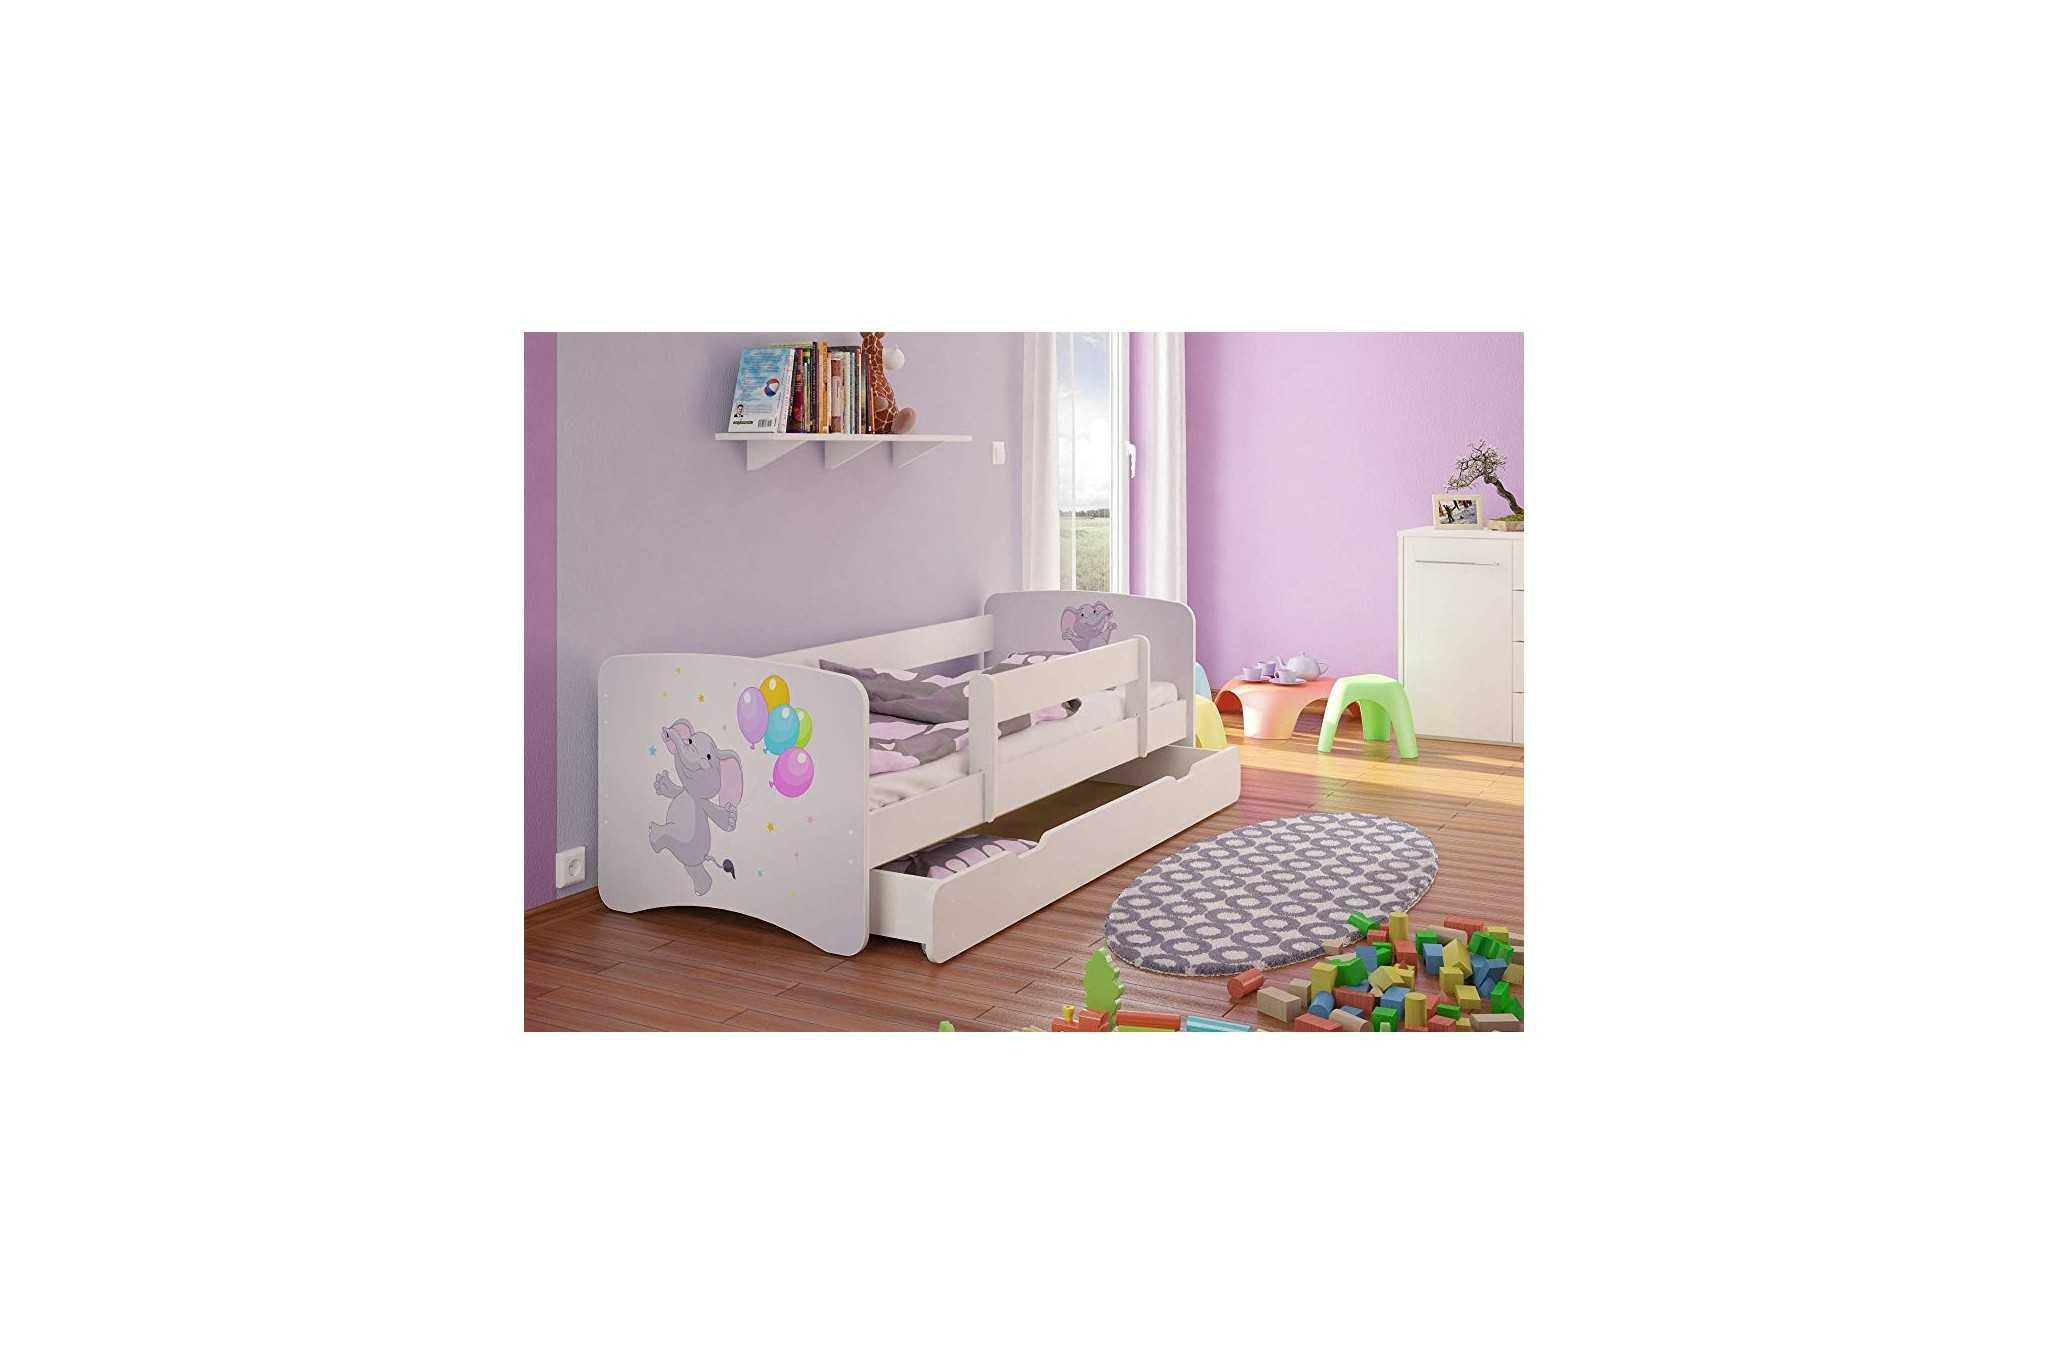 Möbel Kocot Kids Kinderbett Jugendbett 80x160 Grün Mit